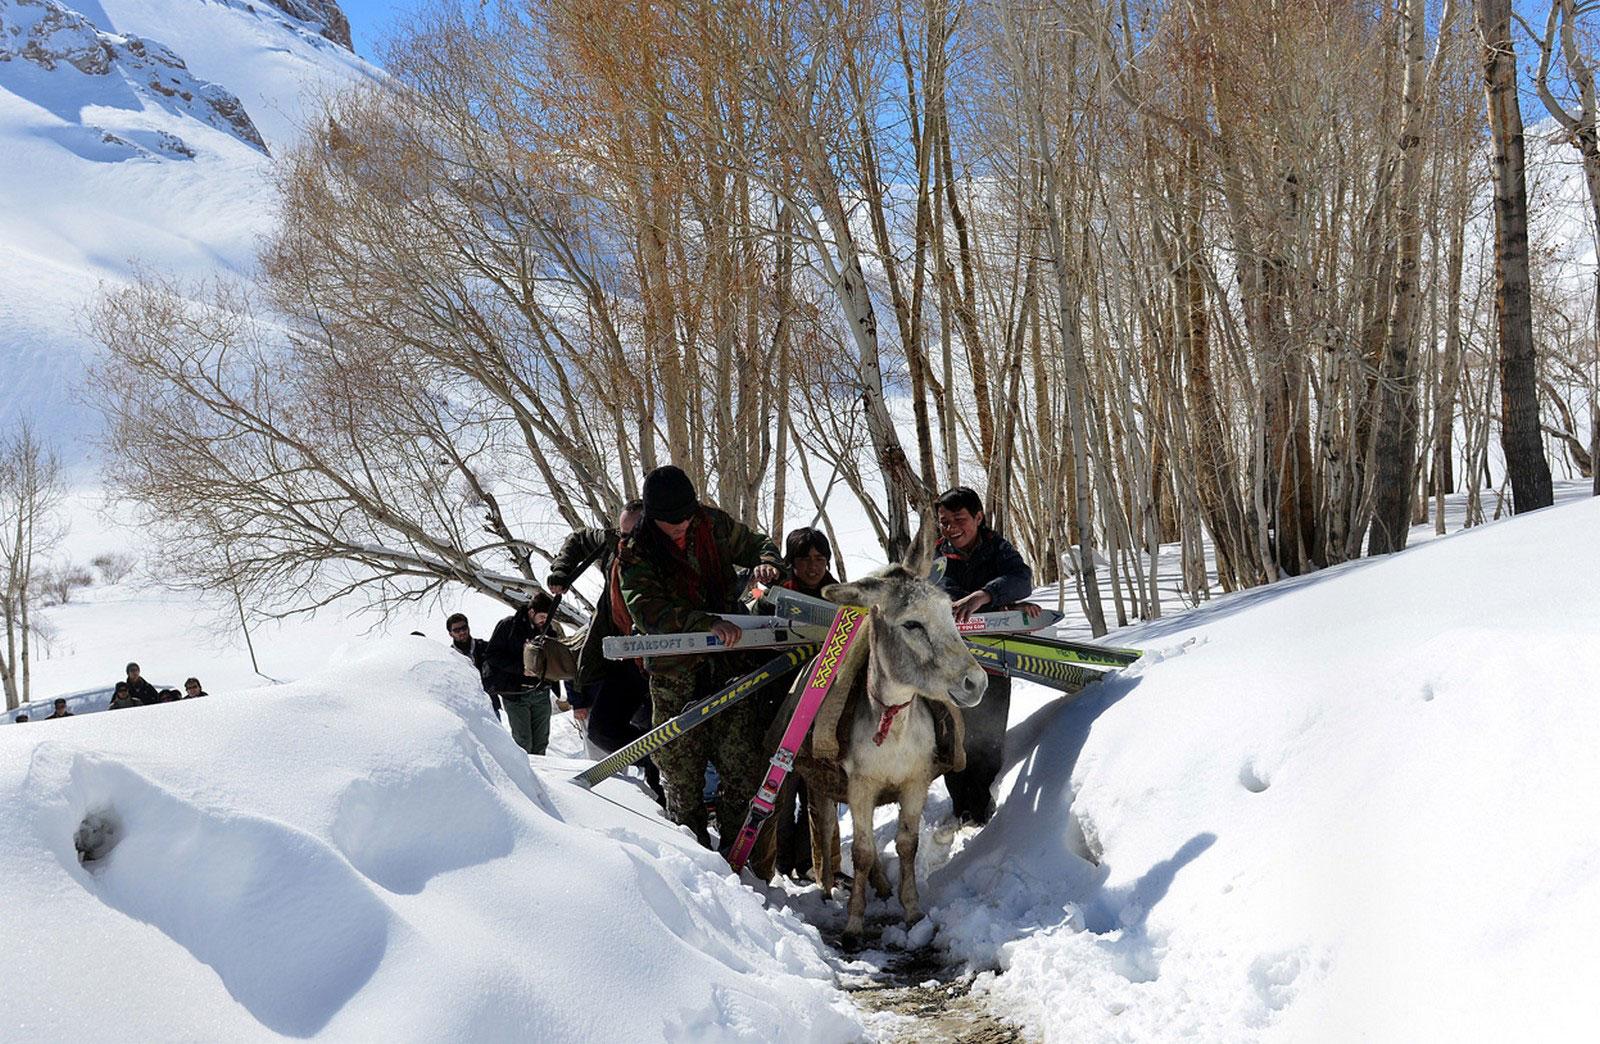 ежегодные гонки на лыжах в горах Гиндукуш